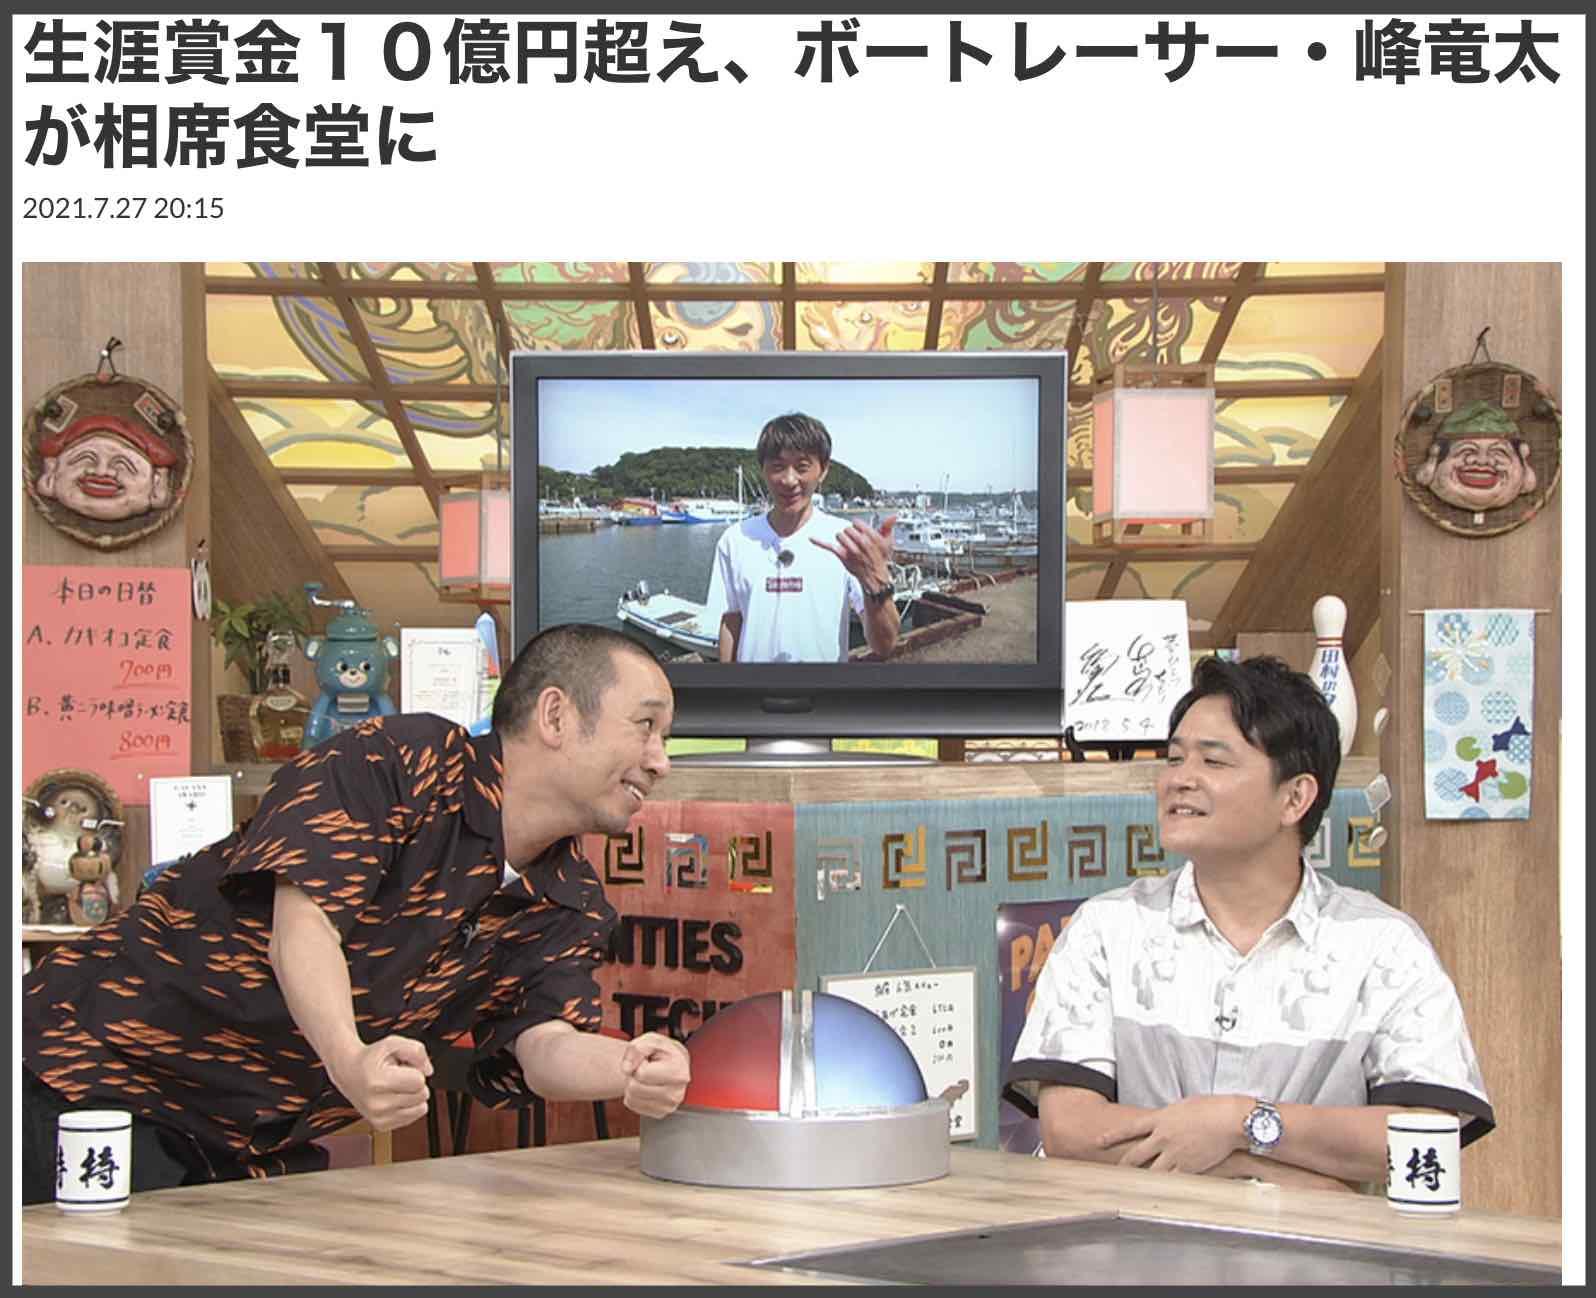 人気番組「相席食堂」に峰竜太が出演